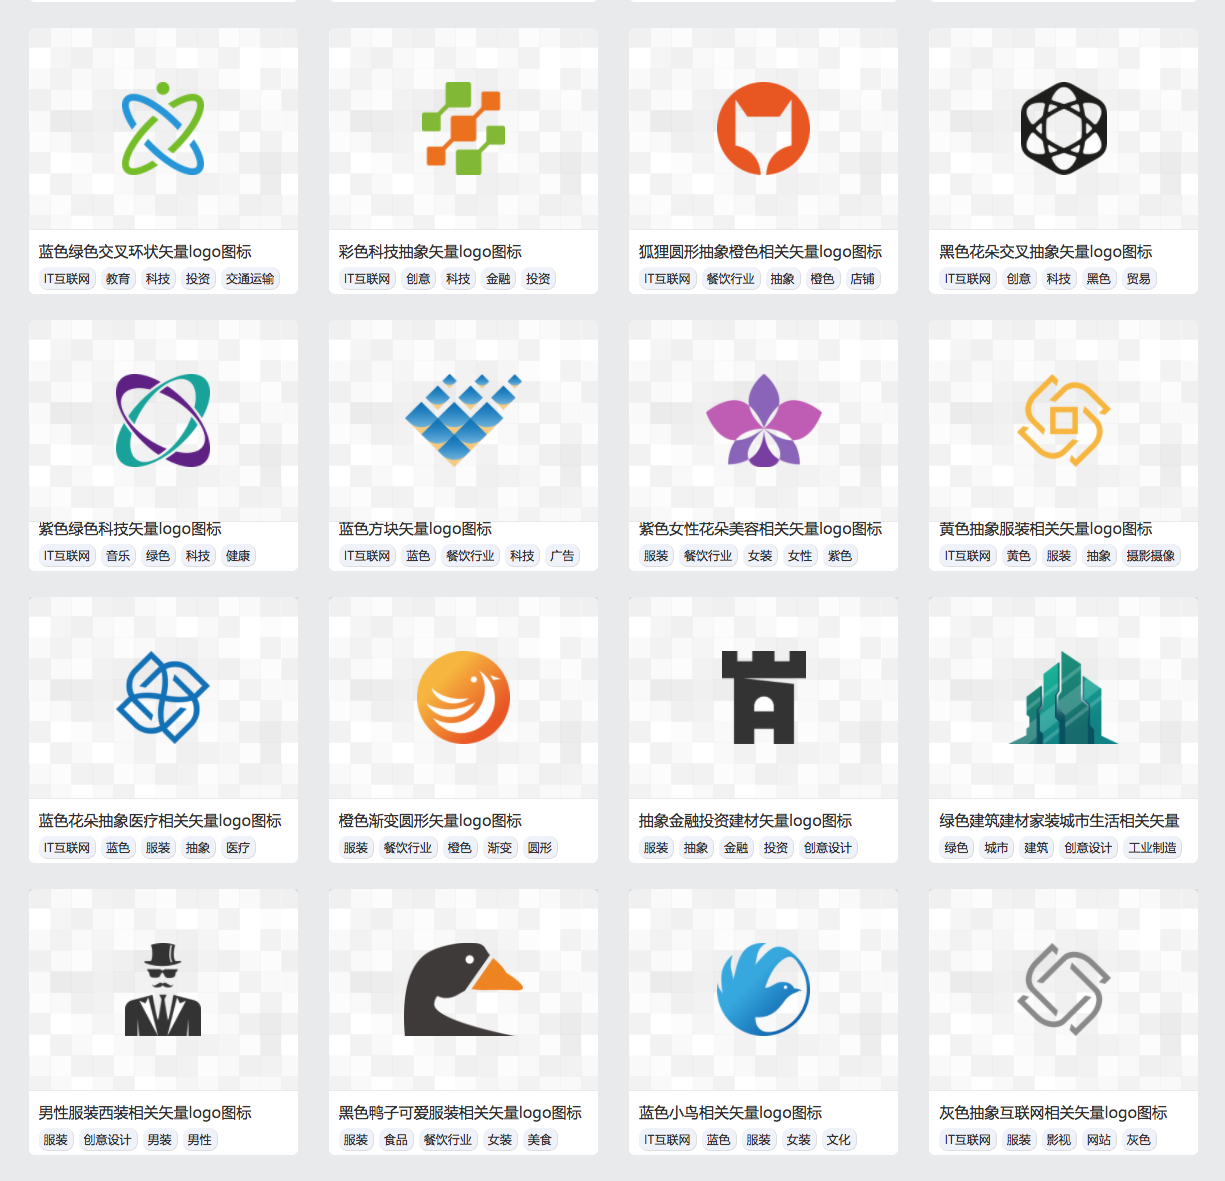 社团logo设计矢量元素图标素材下载 LOGO生成.cn (1)